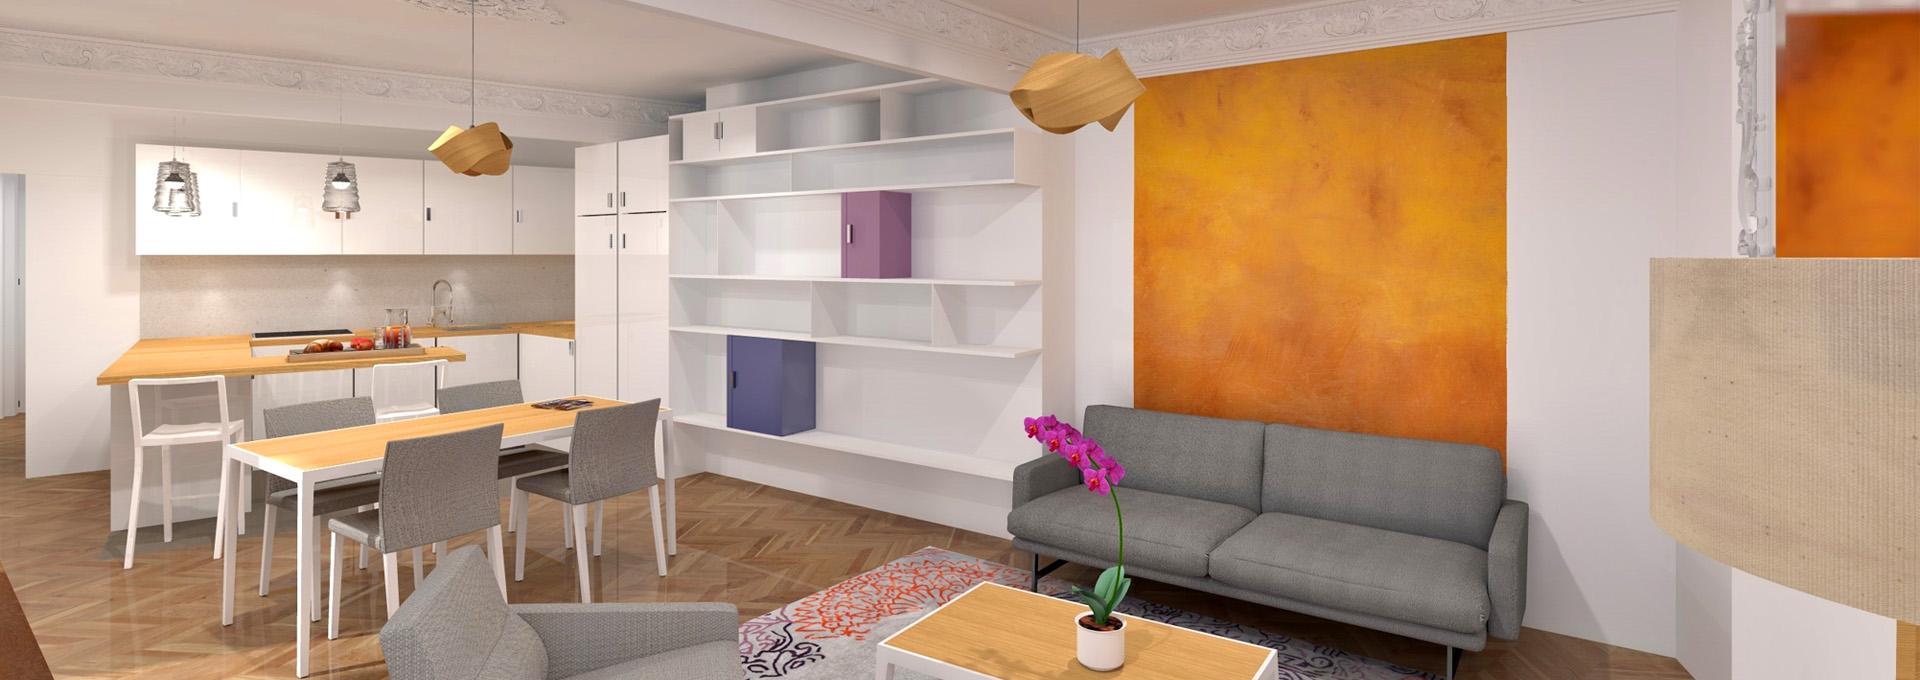 Rénovation séjour cuisine appartement haussmannien architecte